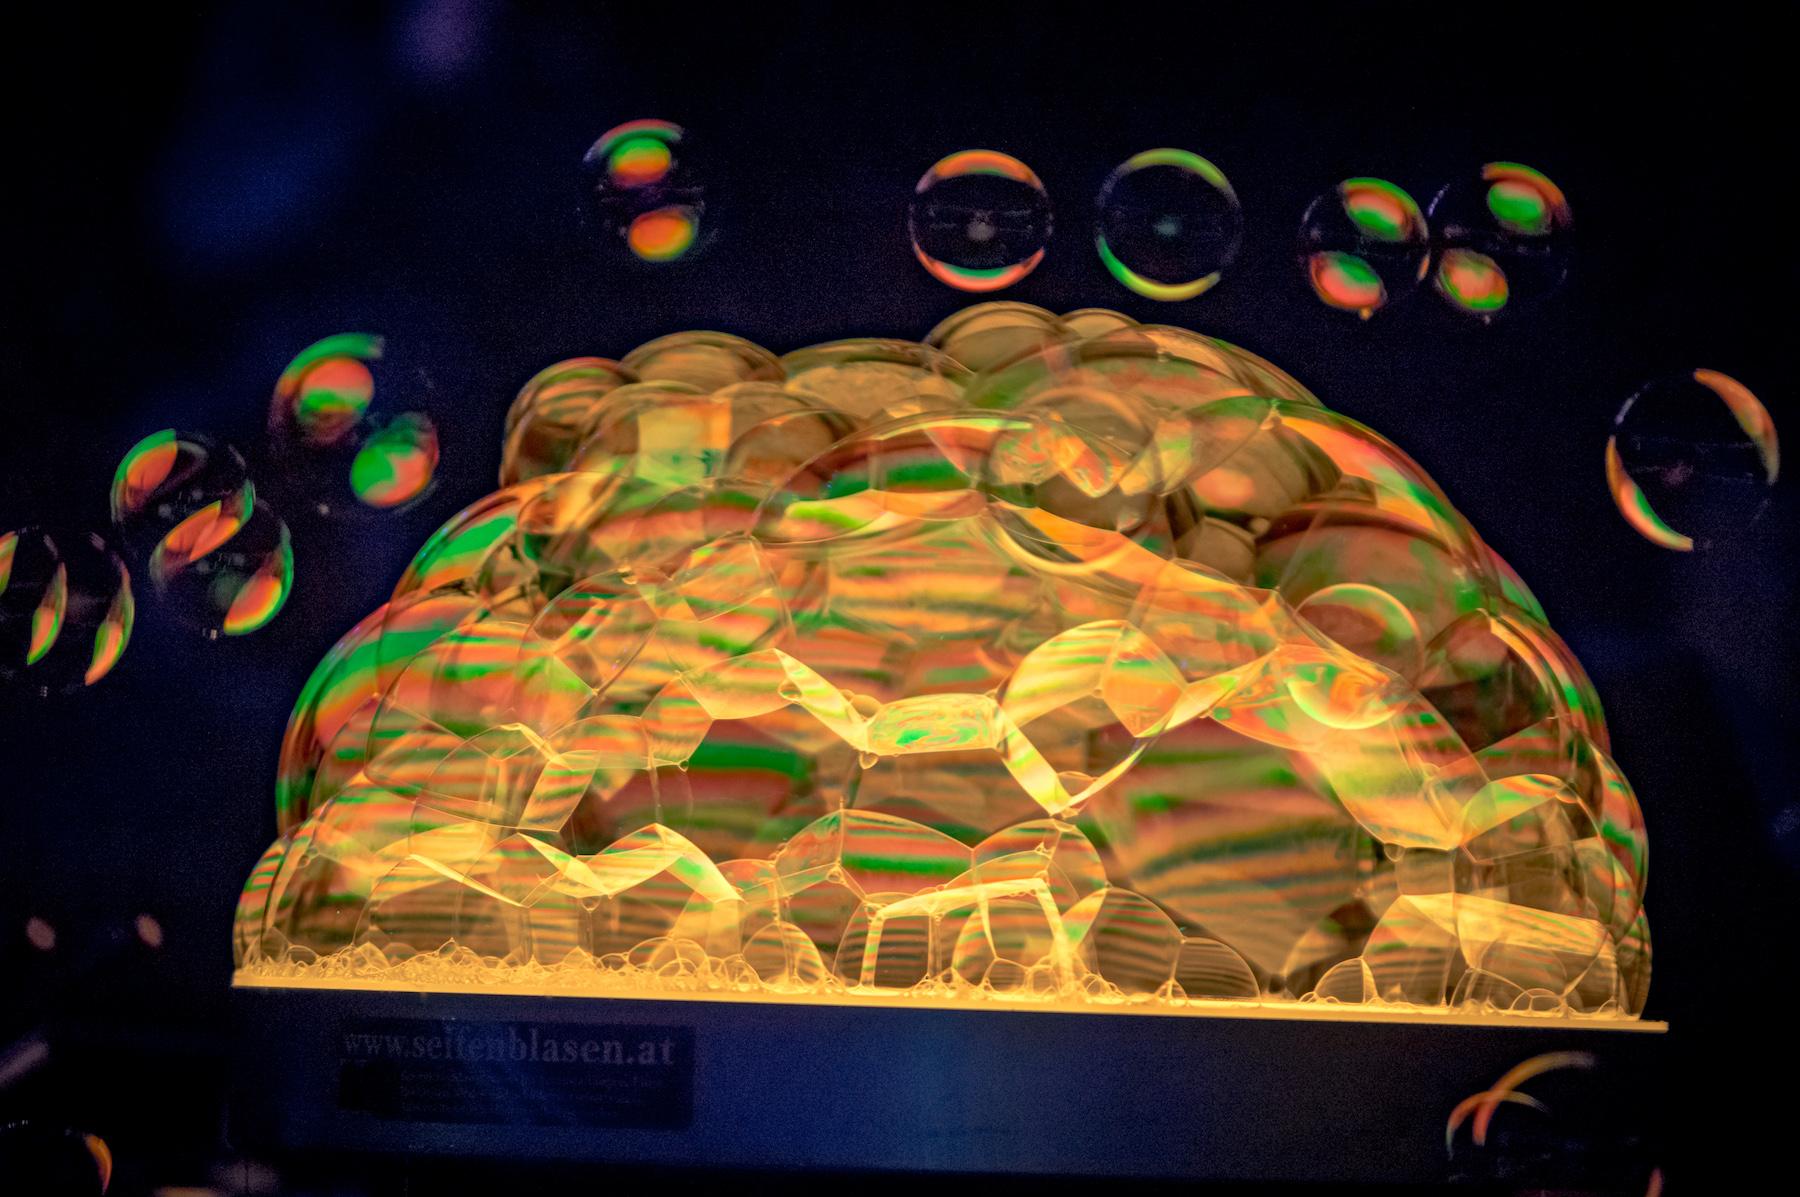 Bubbleshow Wintercircus Familien Buehnenshow 2018